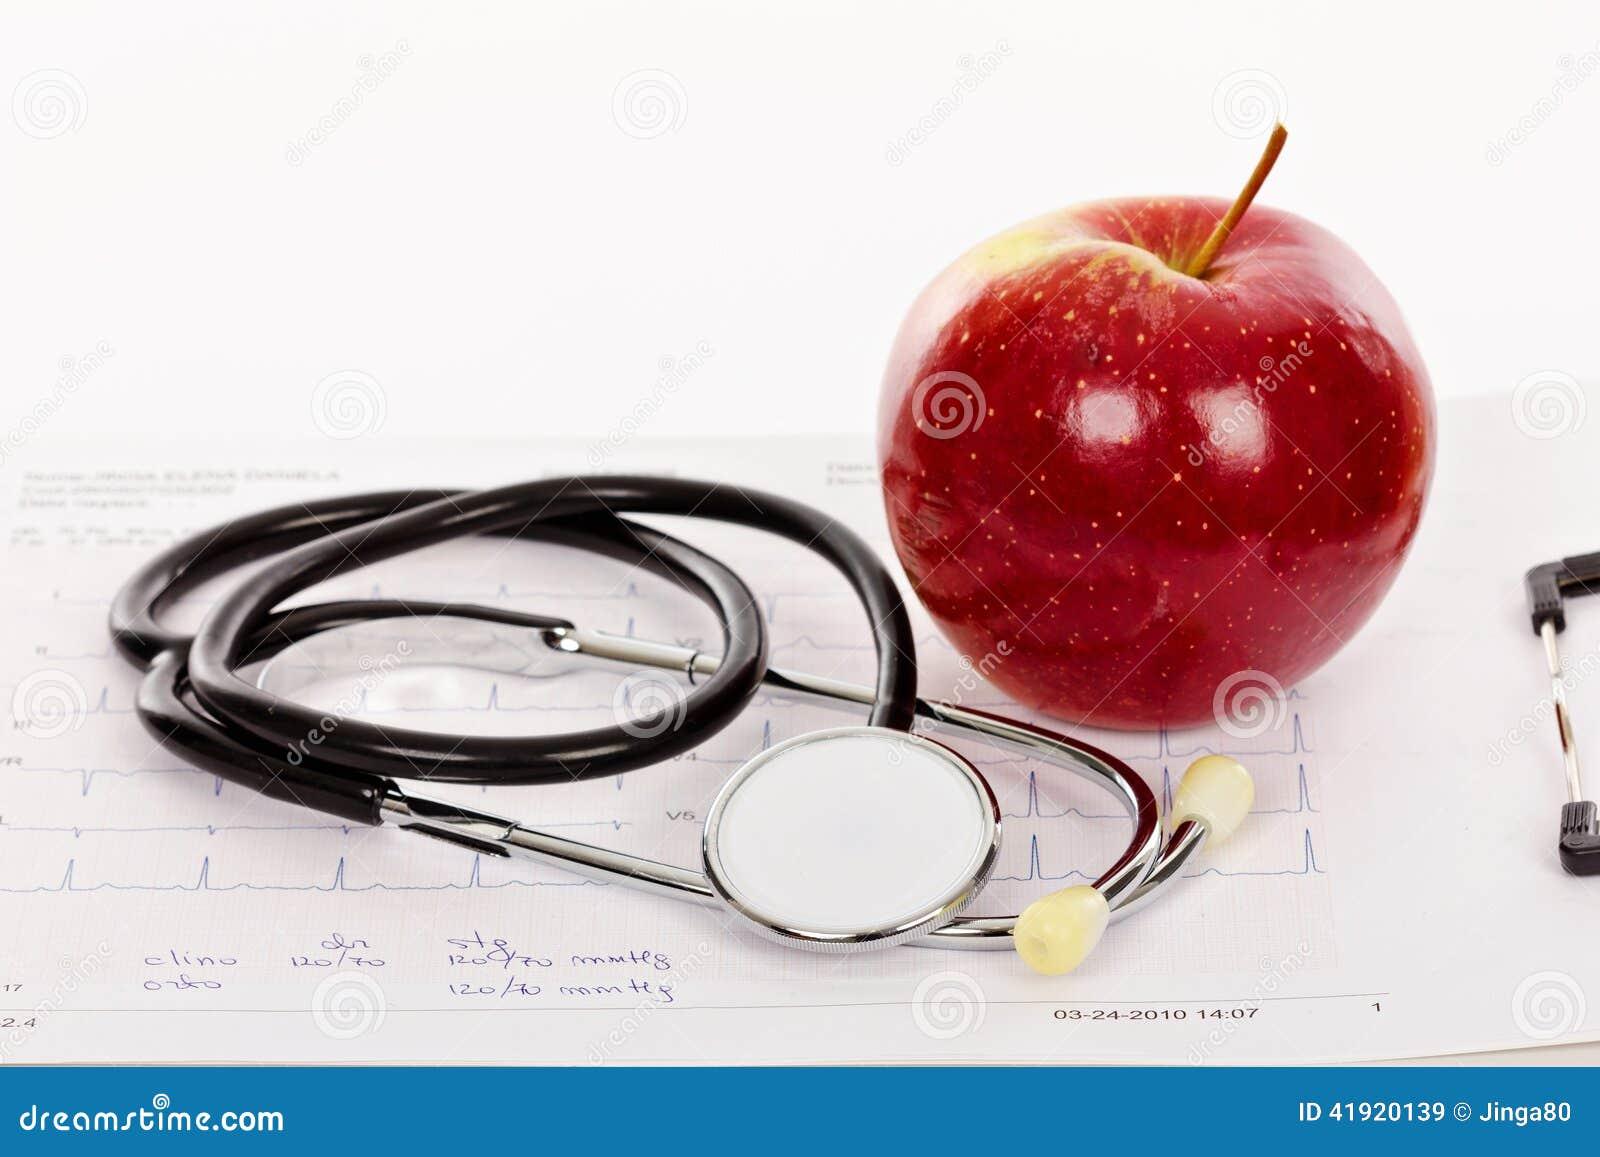 Κόκκινα μήλο και στηθοσκόπιο σε ένα διάγραμμα ηλεκτροκαρδιογραφημάτων (ECG)